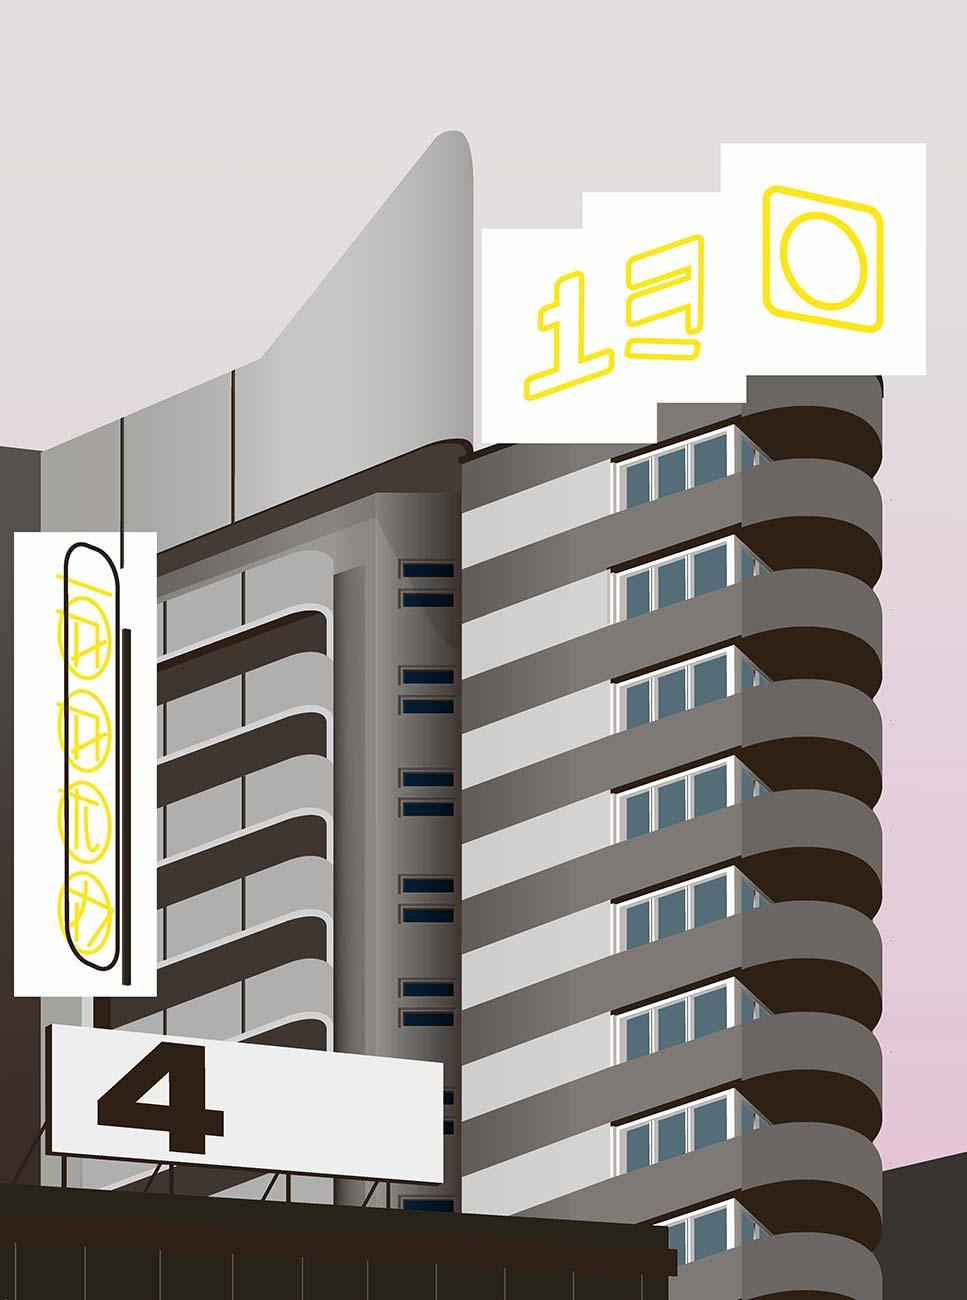 BI_150326_UNIPLAN_READ_3_Illustrationen_Seite_2